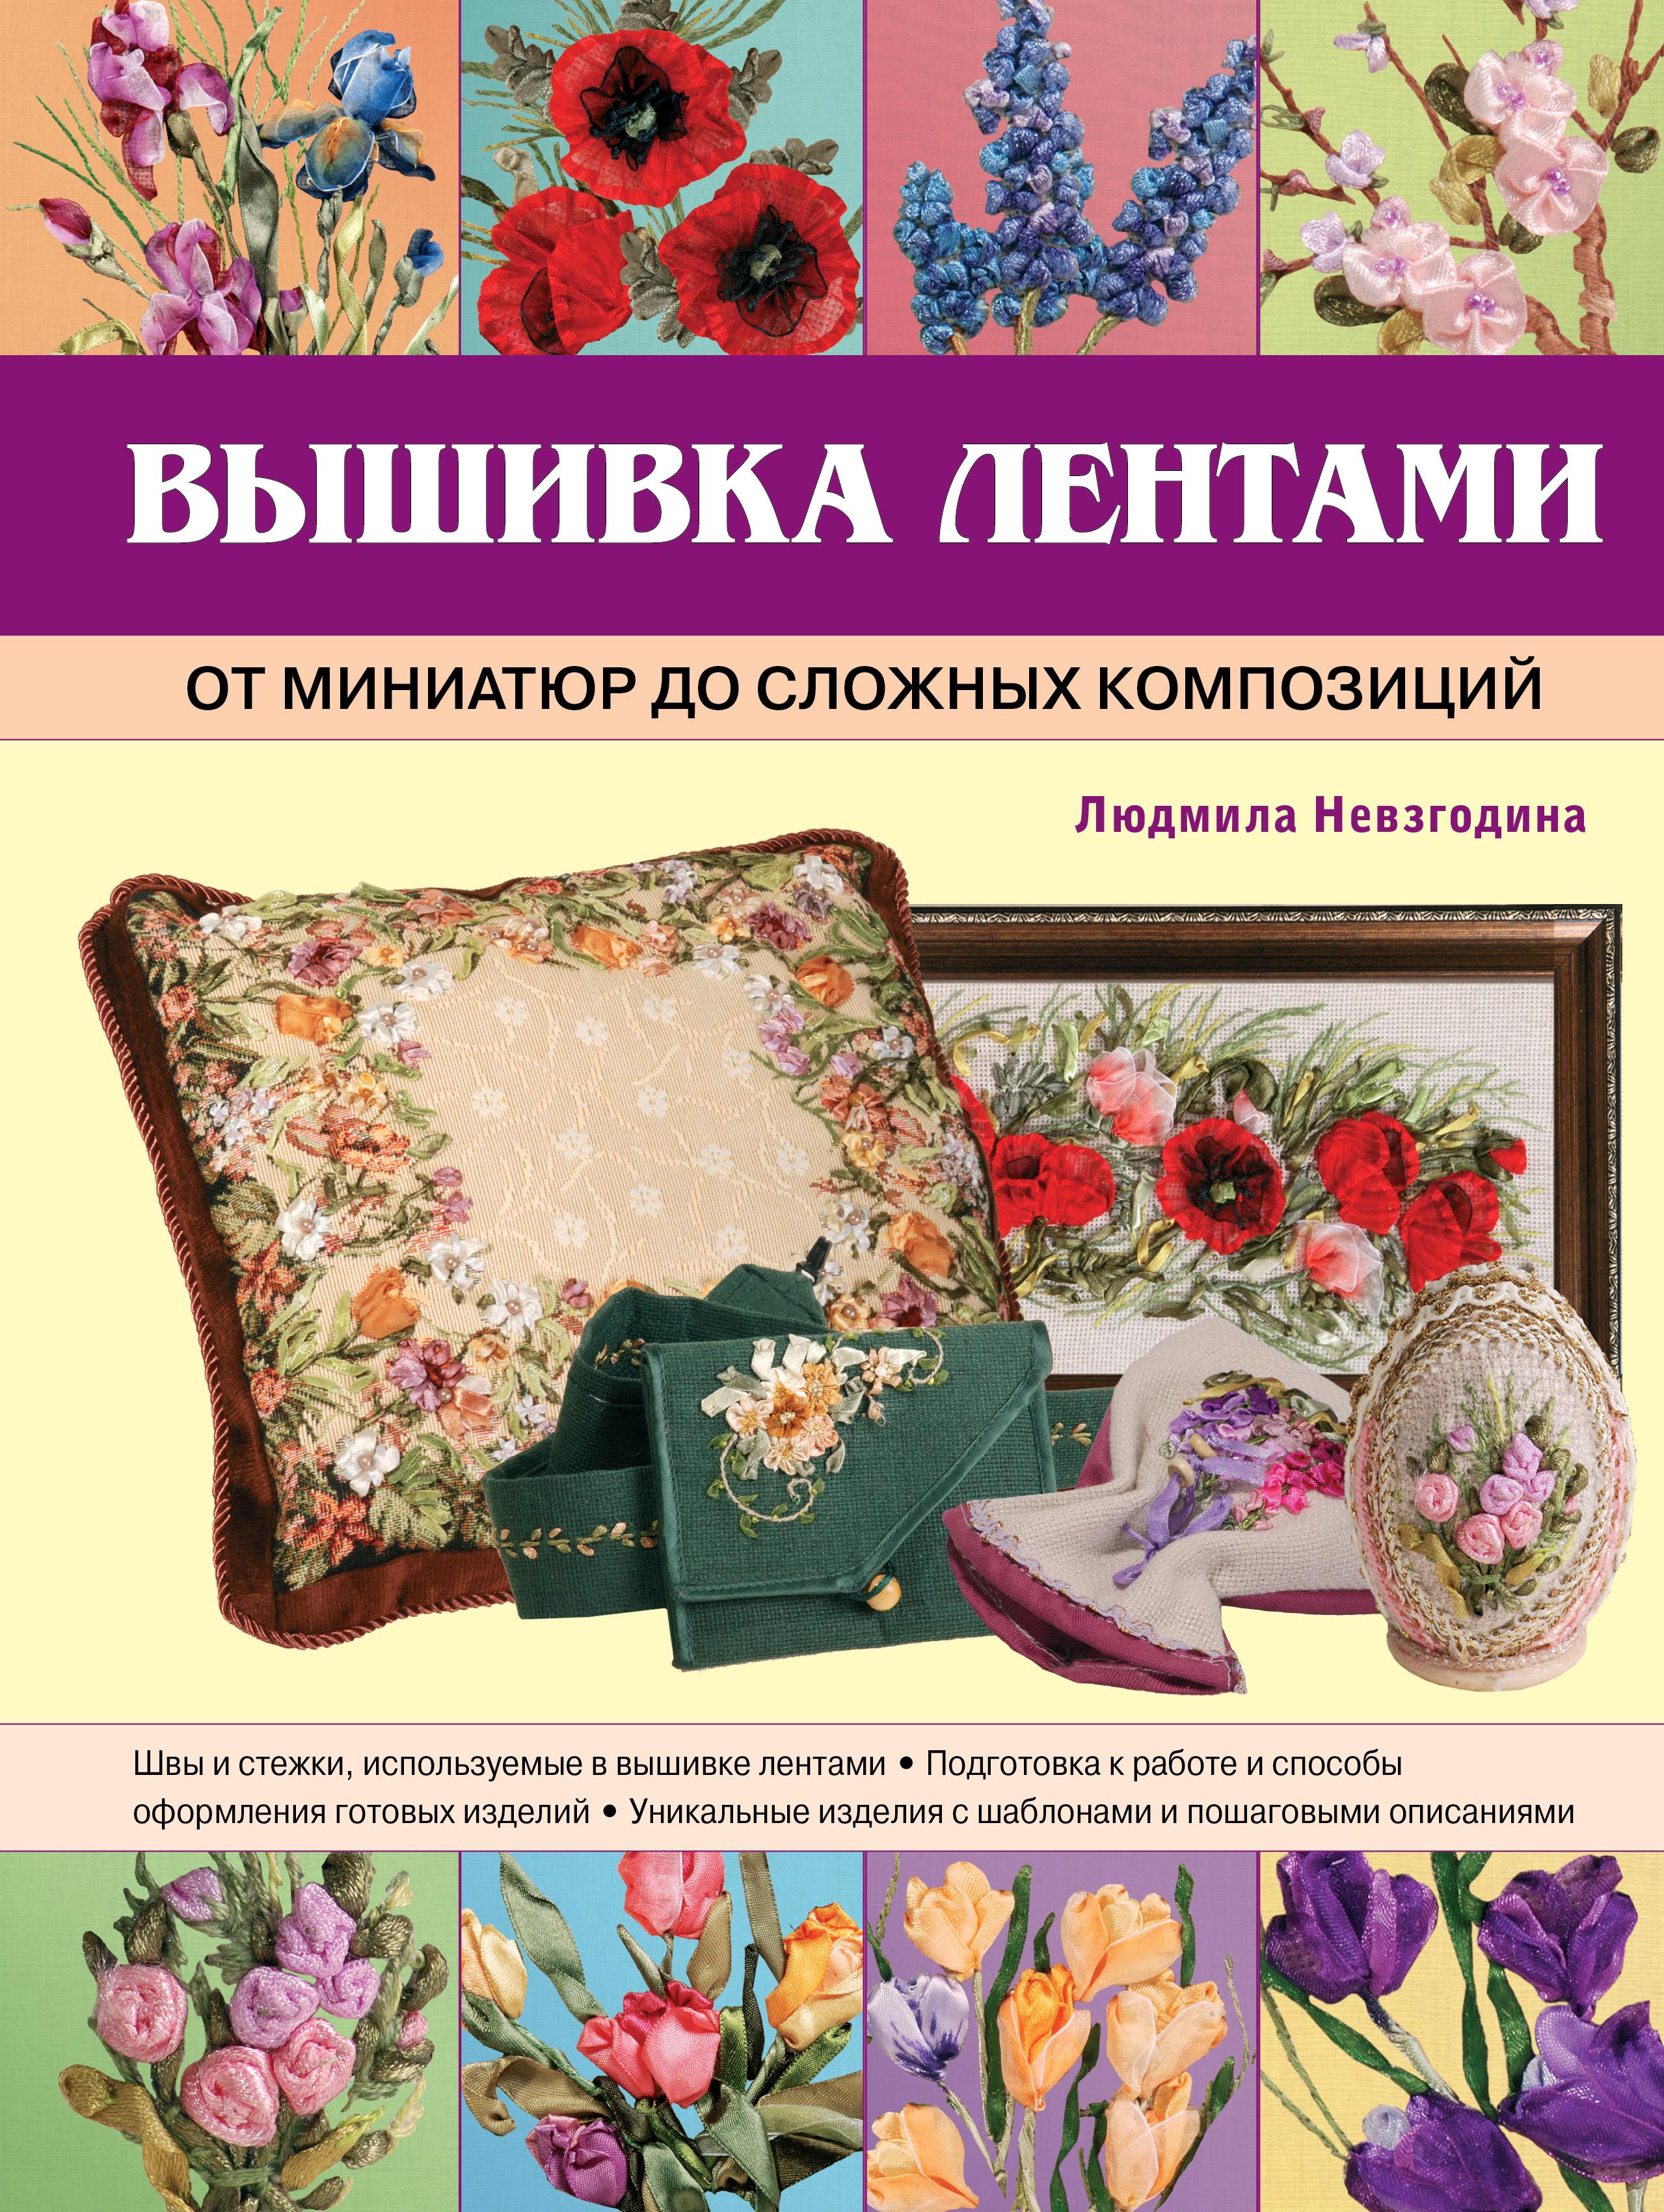 Вышивка лентами: от миниатюр до сложных композиций от book24.ru